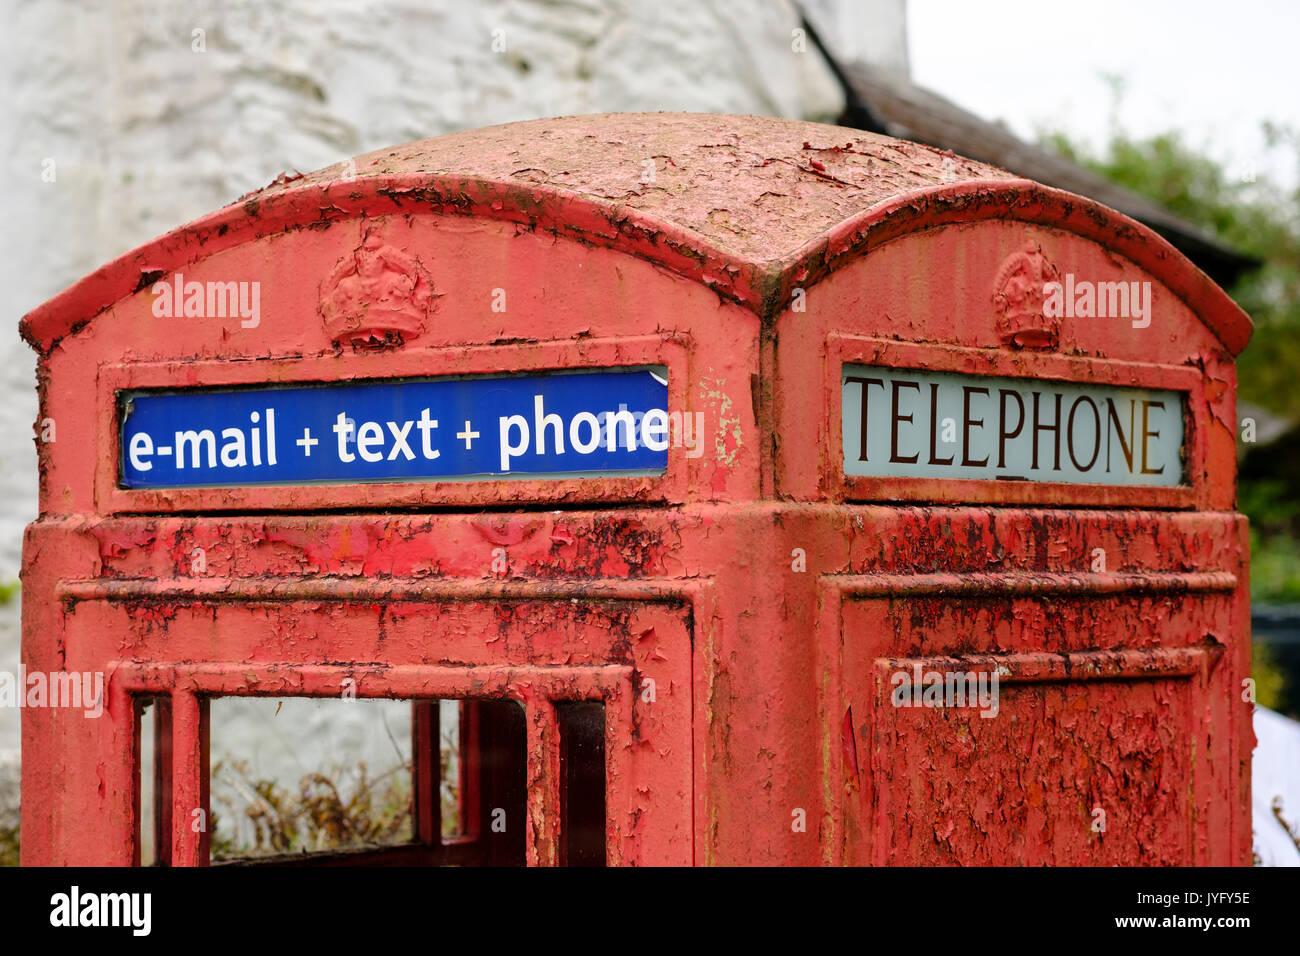 Vieux téléphone rouge avec l'écriture cellulaire e-mail + téléphone + texte, St Neot, Bodmin Moor, Cornwall, Angleterre, Royaume-Uni Photo Stock